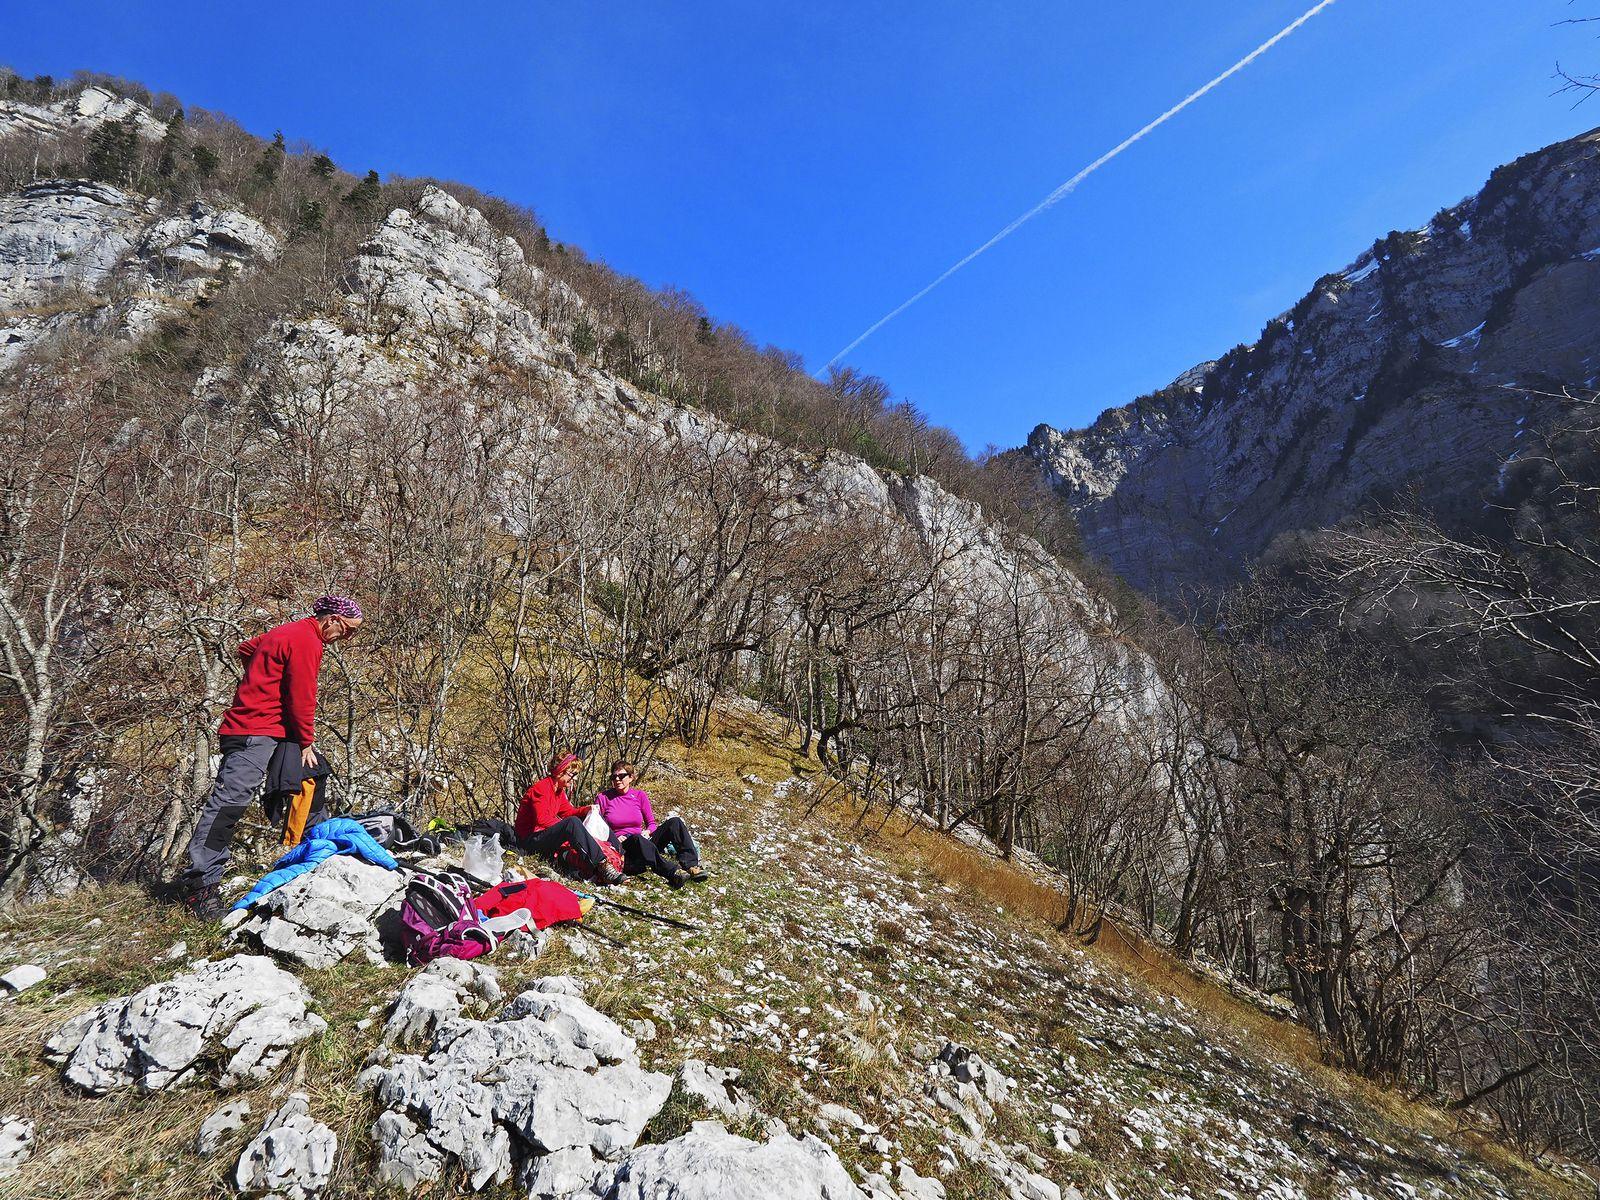 L'endroit est magique et impressionnant. On est dominé par la Grande Roche et les Rochers de Lorzier.